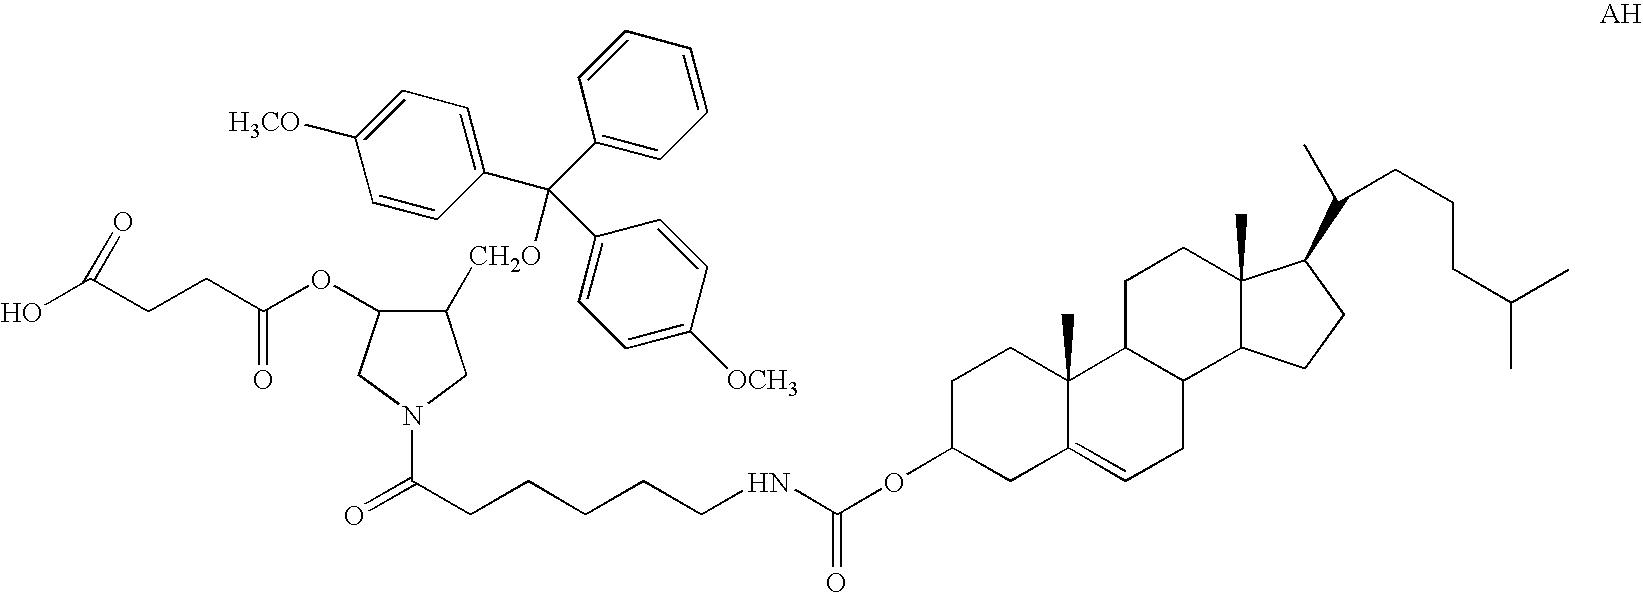 Figure US08324366-20121204-C00012